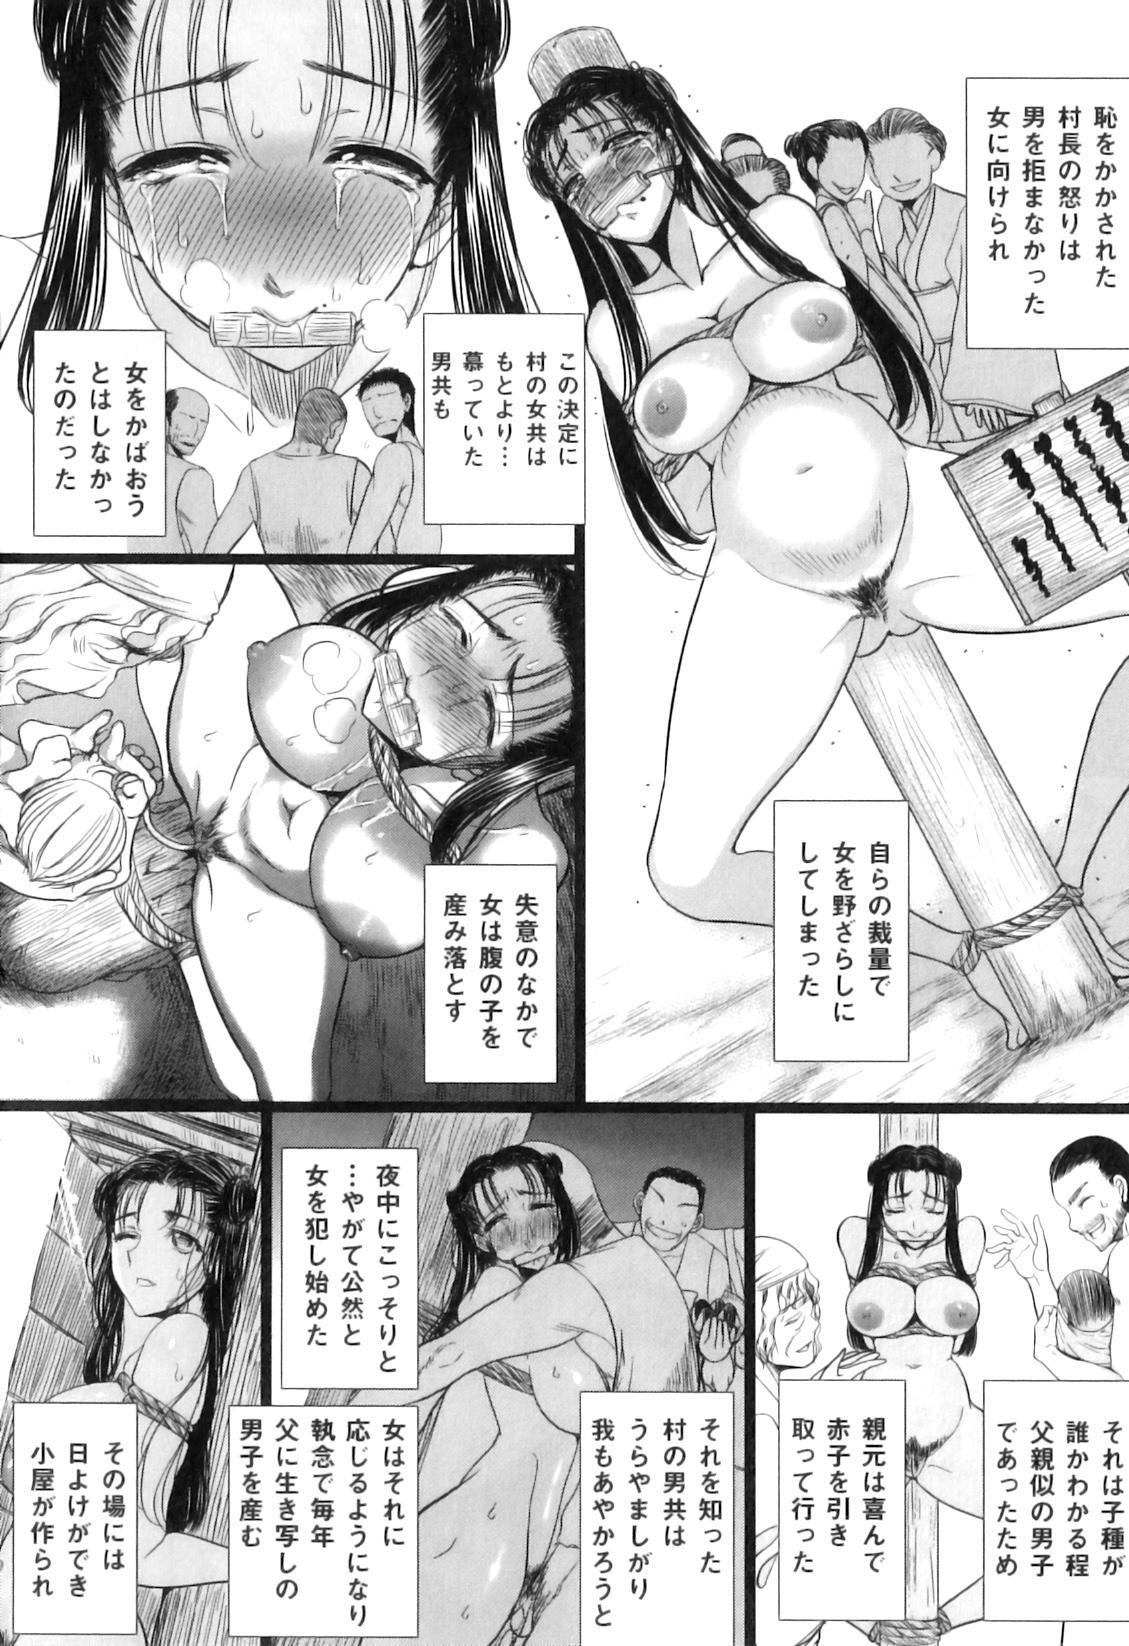 COMIC Juuyoku Vol. 07 52